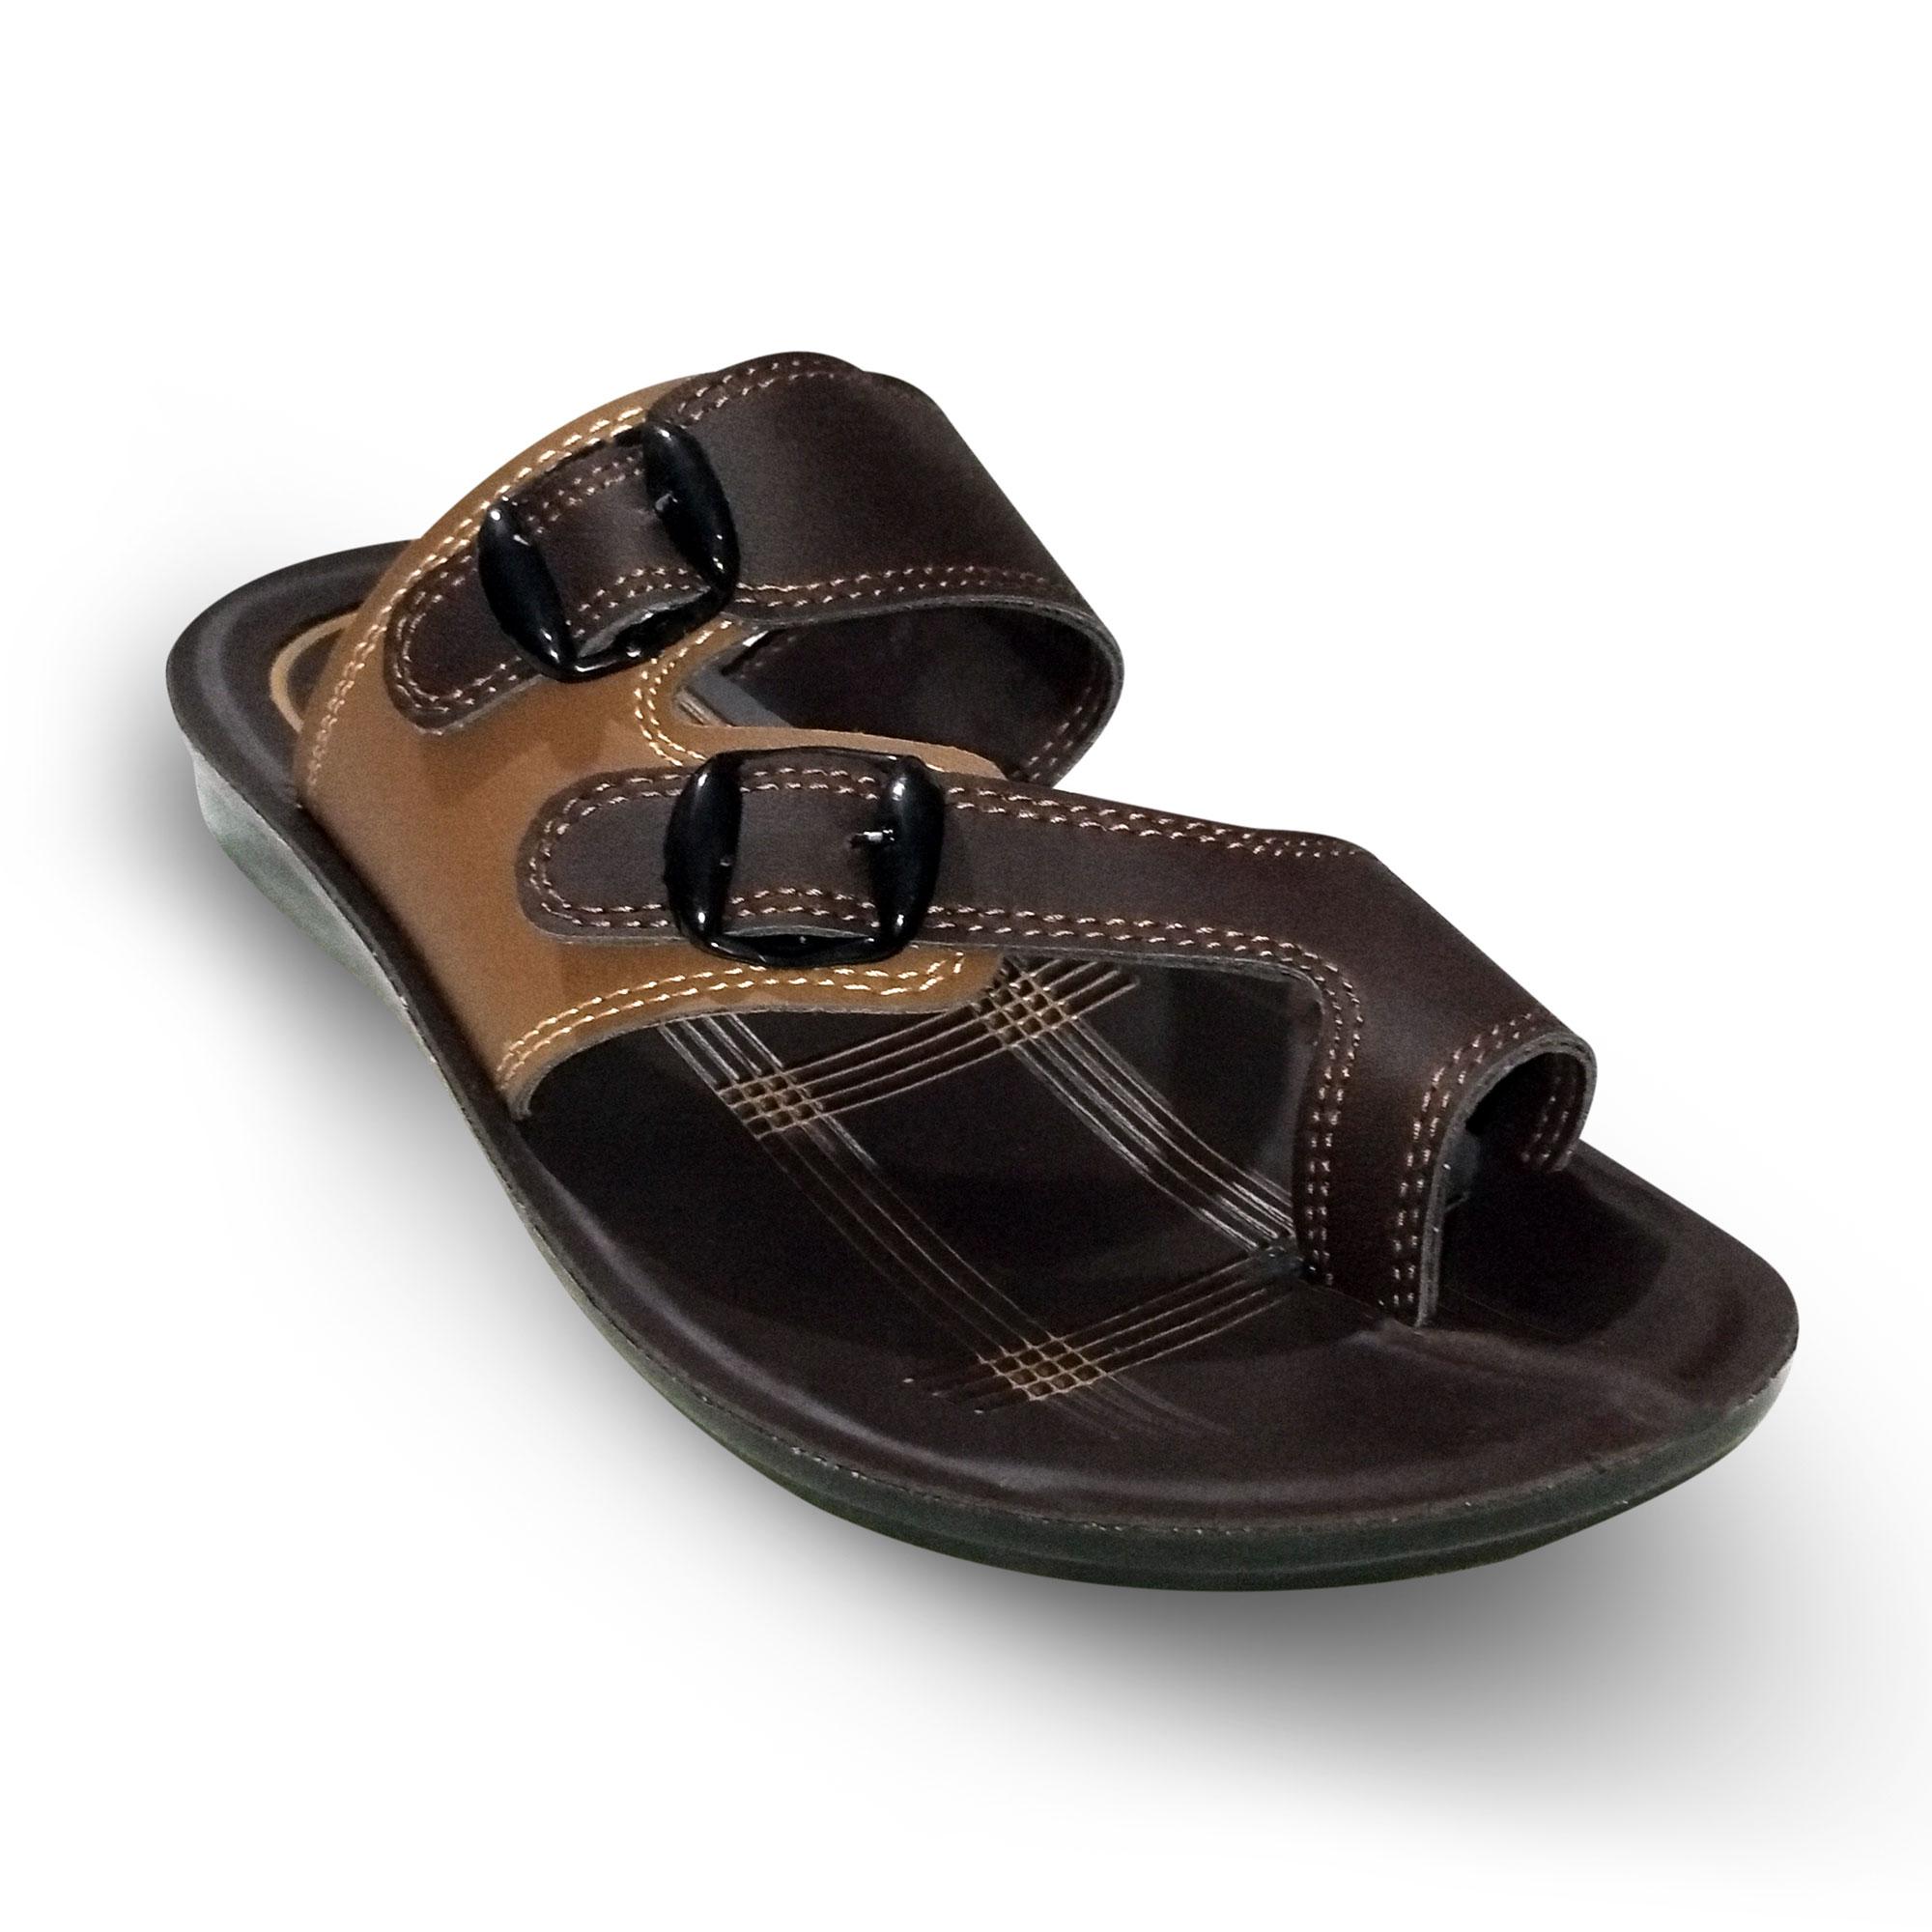 Sandals & Slippers for Men